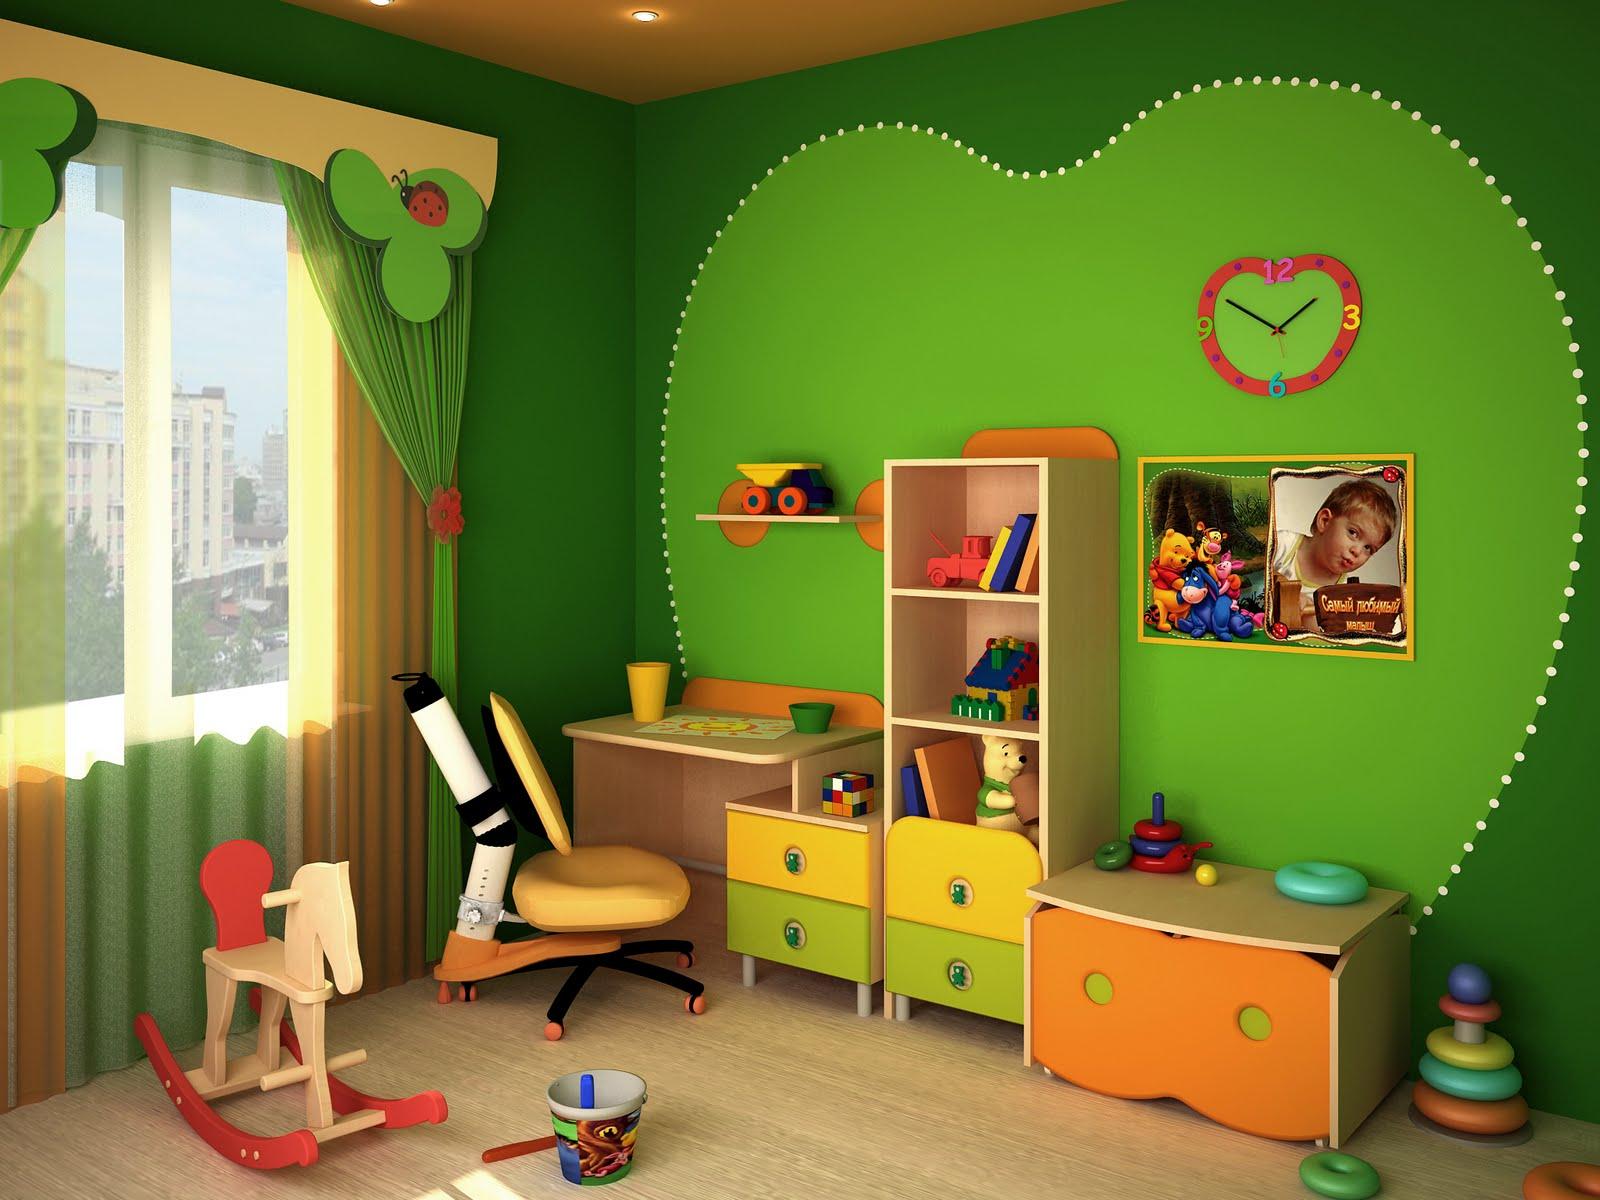 Оформление детской комнаты, фото. красивые детские комнаты -.